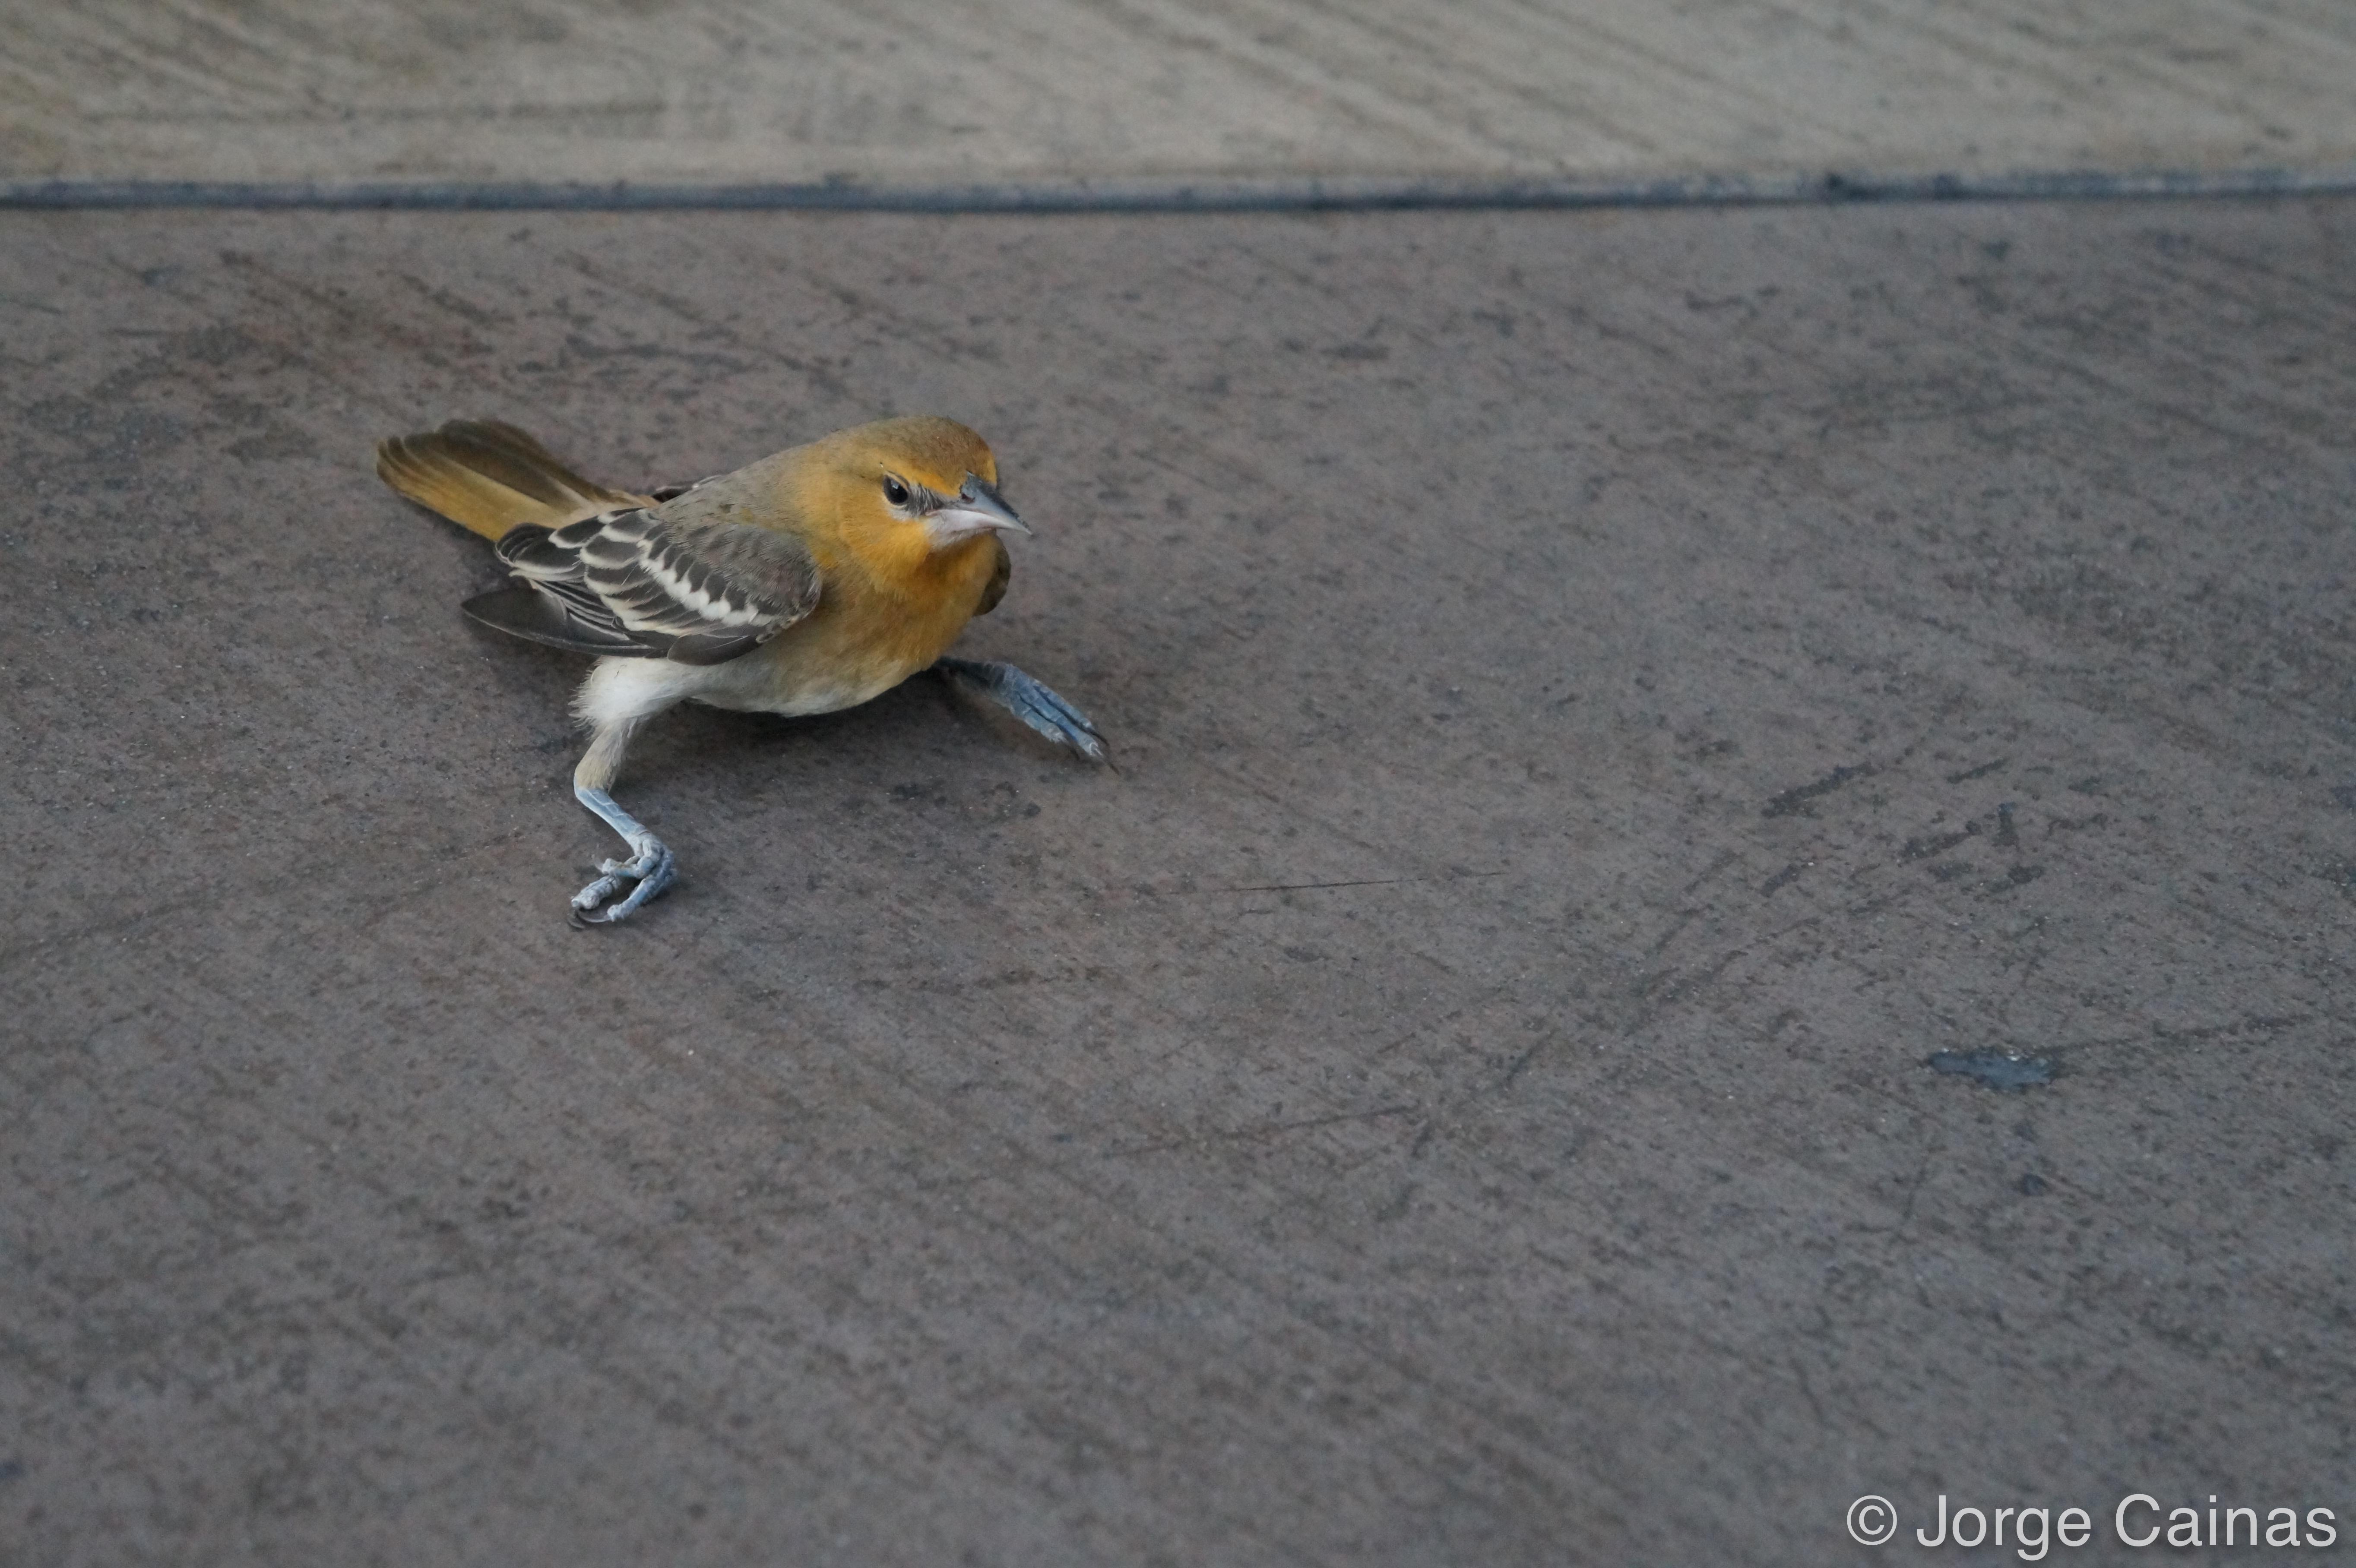 A Bird with Broken Legs